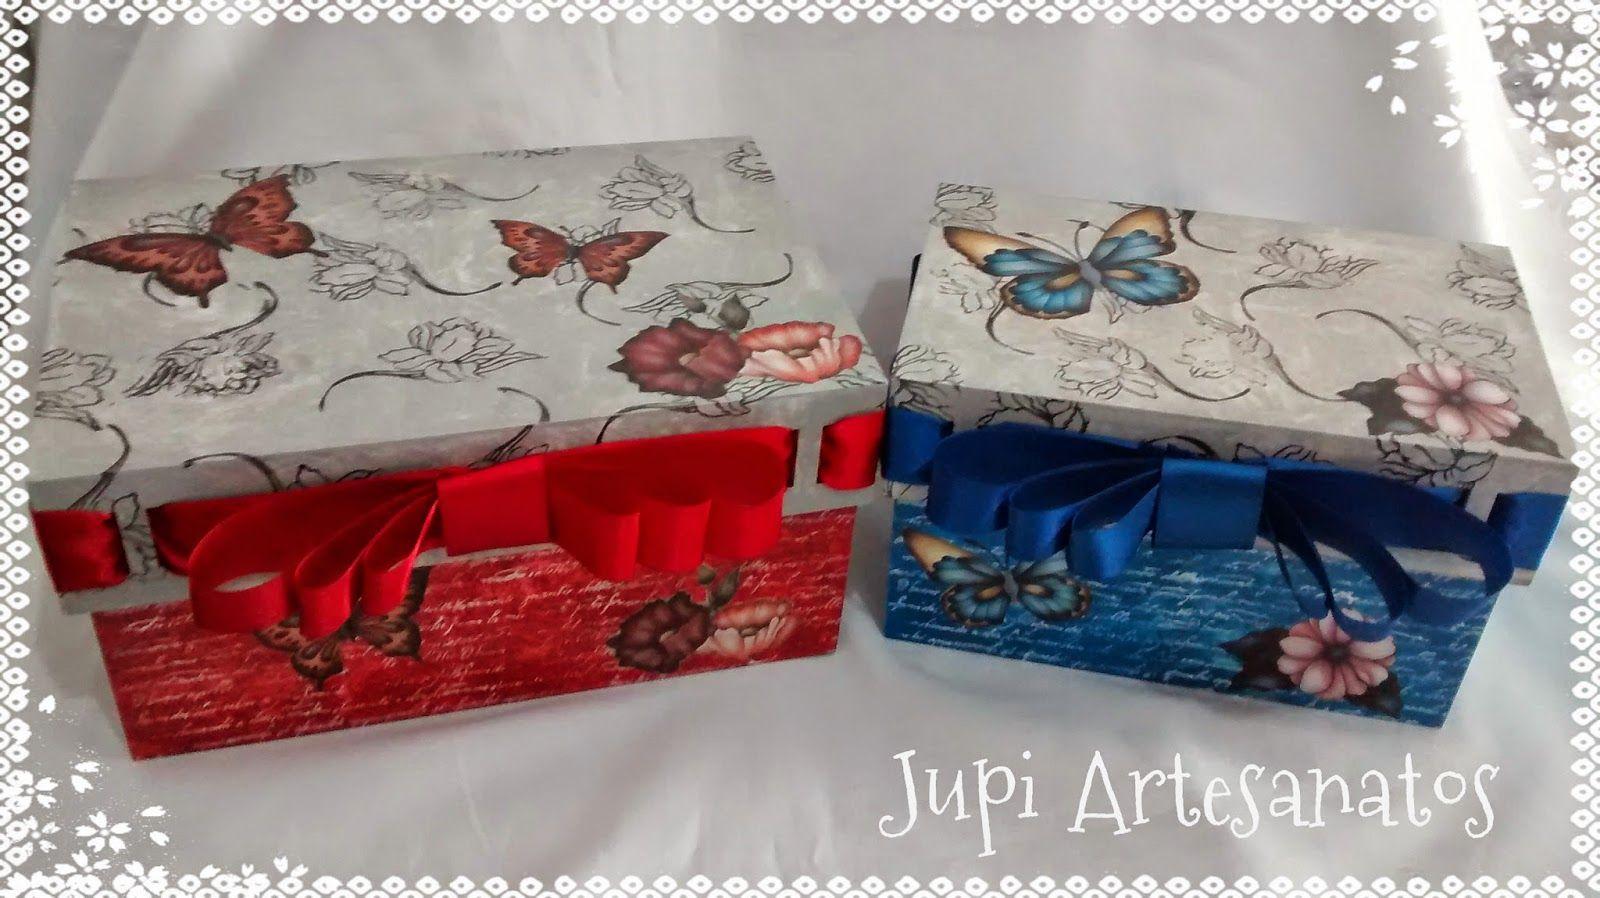 Jupi Artes: Caixas